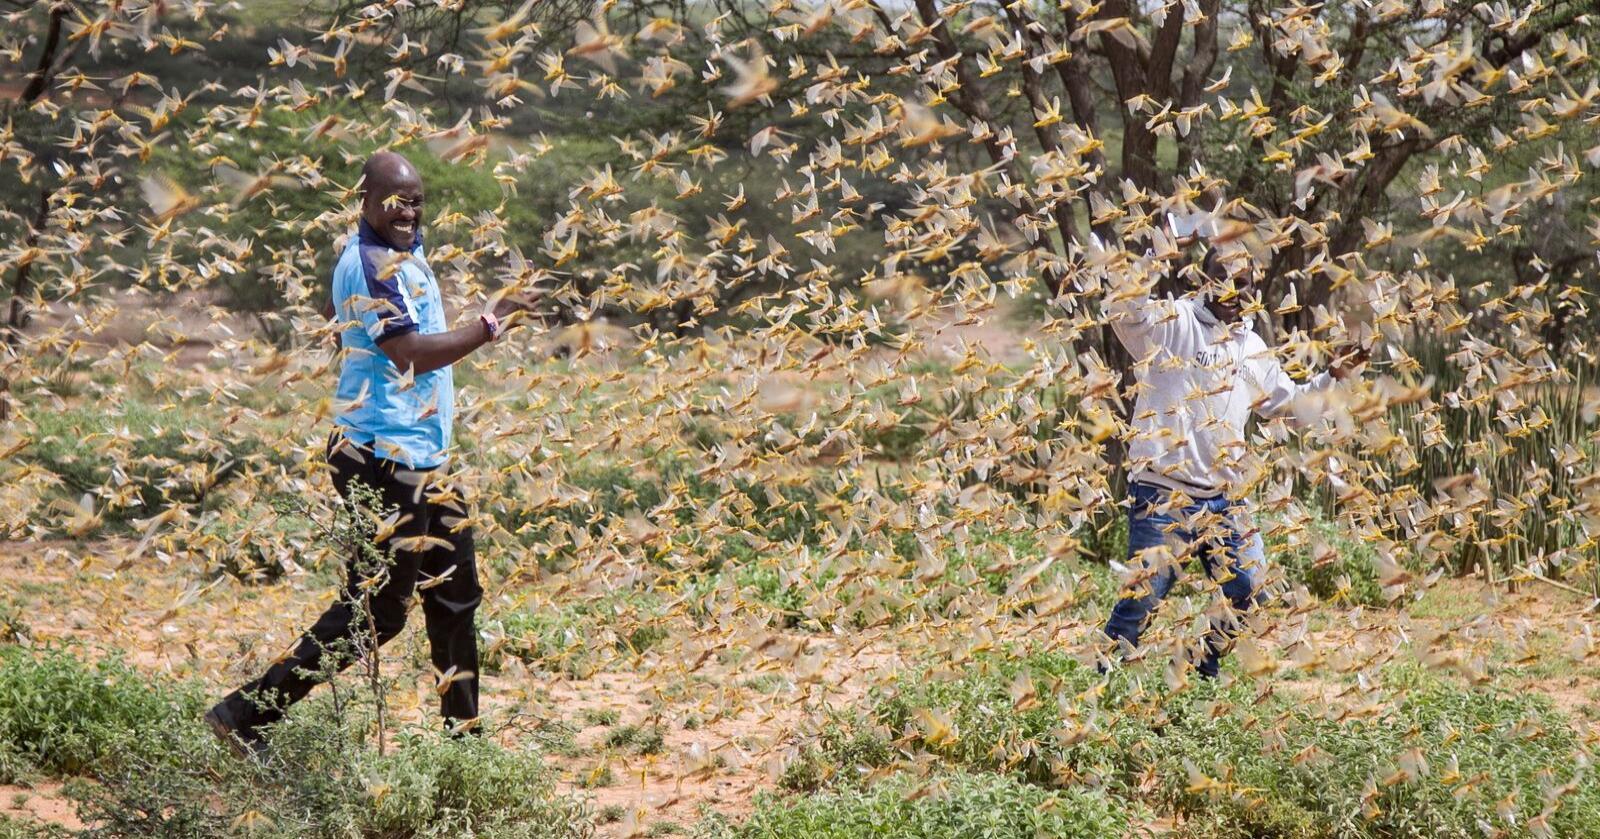 Et lokalt katastrofeteam som jobber med å kartlegge gresshoppenes herjinger, omringes av en sverm i nærheten av landsbyen Sissia i Samburu i Kenya tidligere i januar. Foto: Patrick Ngugi / AP / NTB scanpix